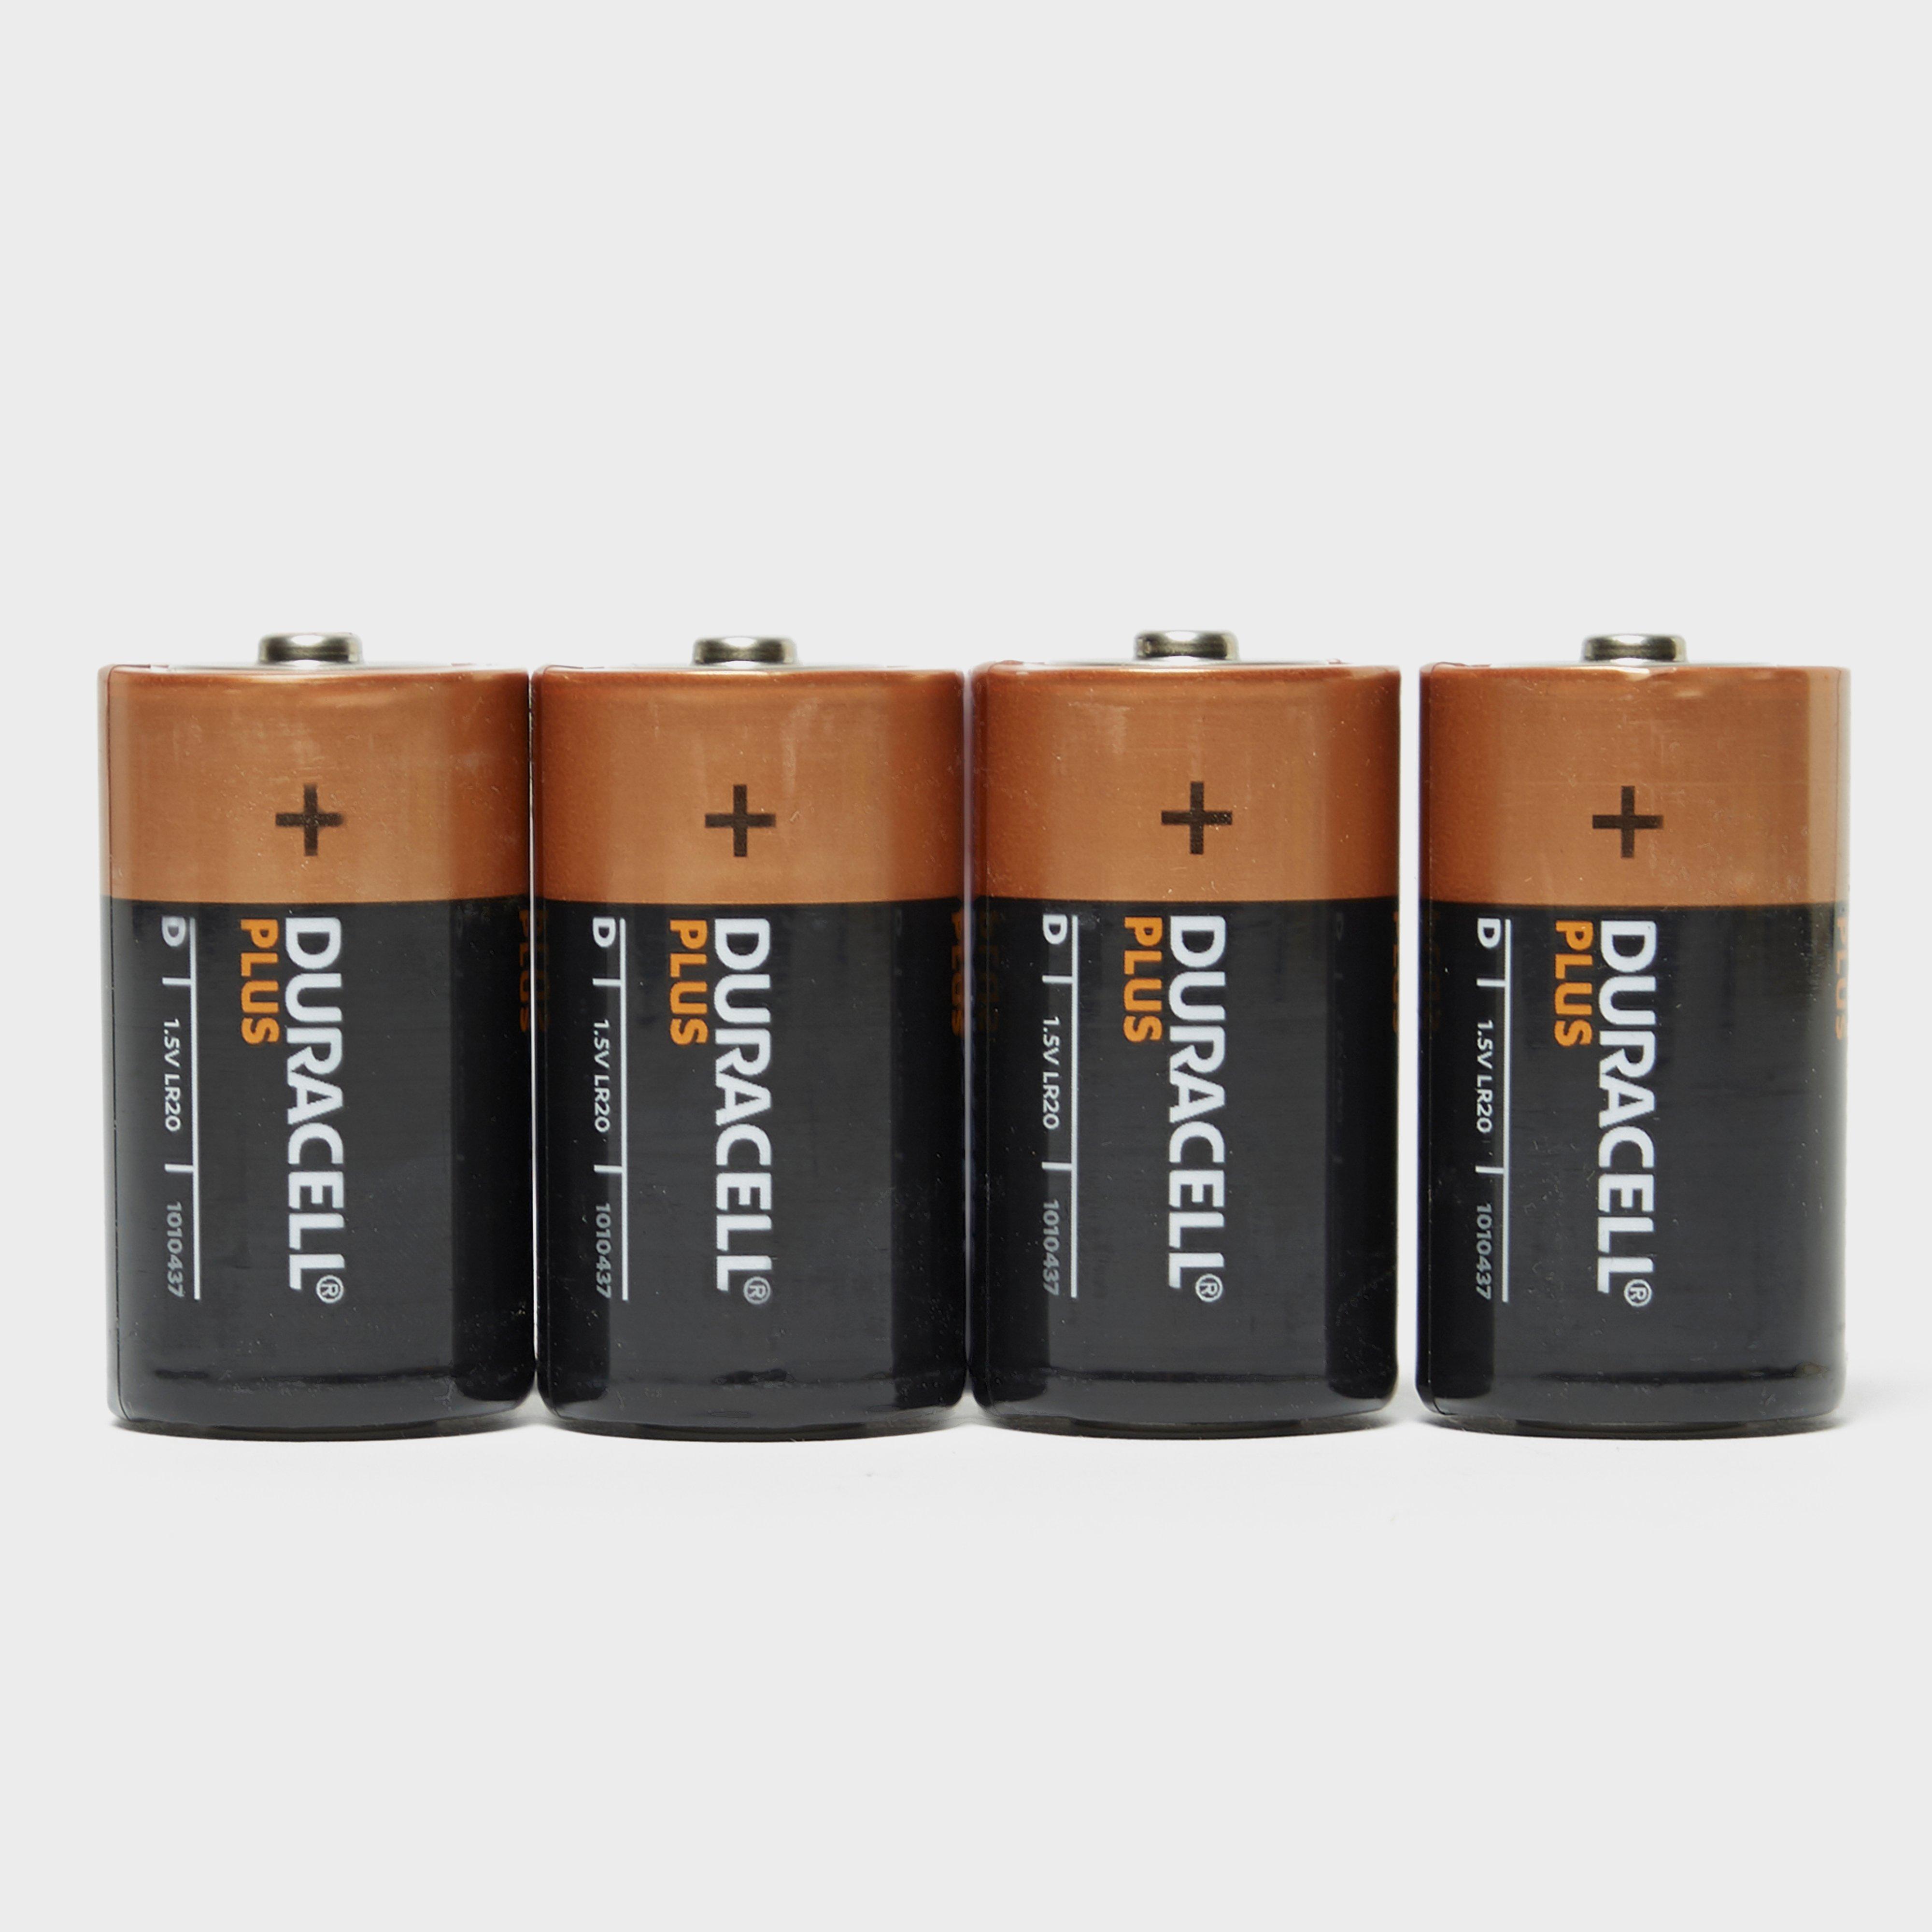 Duracell Plus D Batteries (4 Pack), Black/Orange